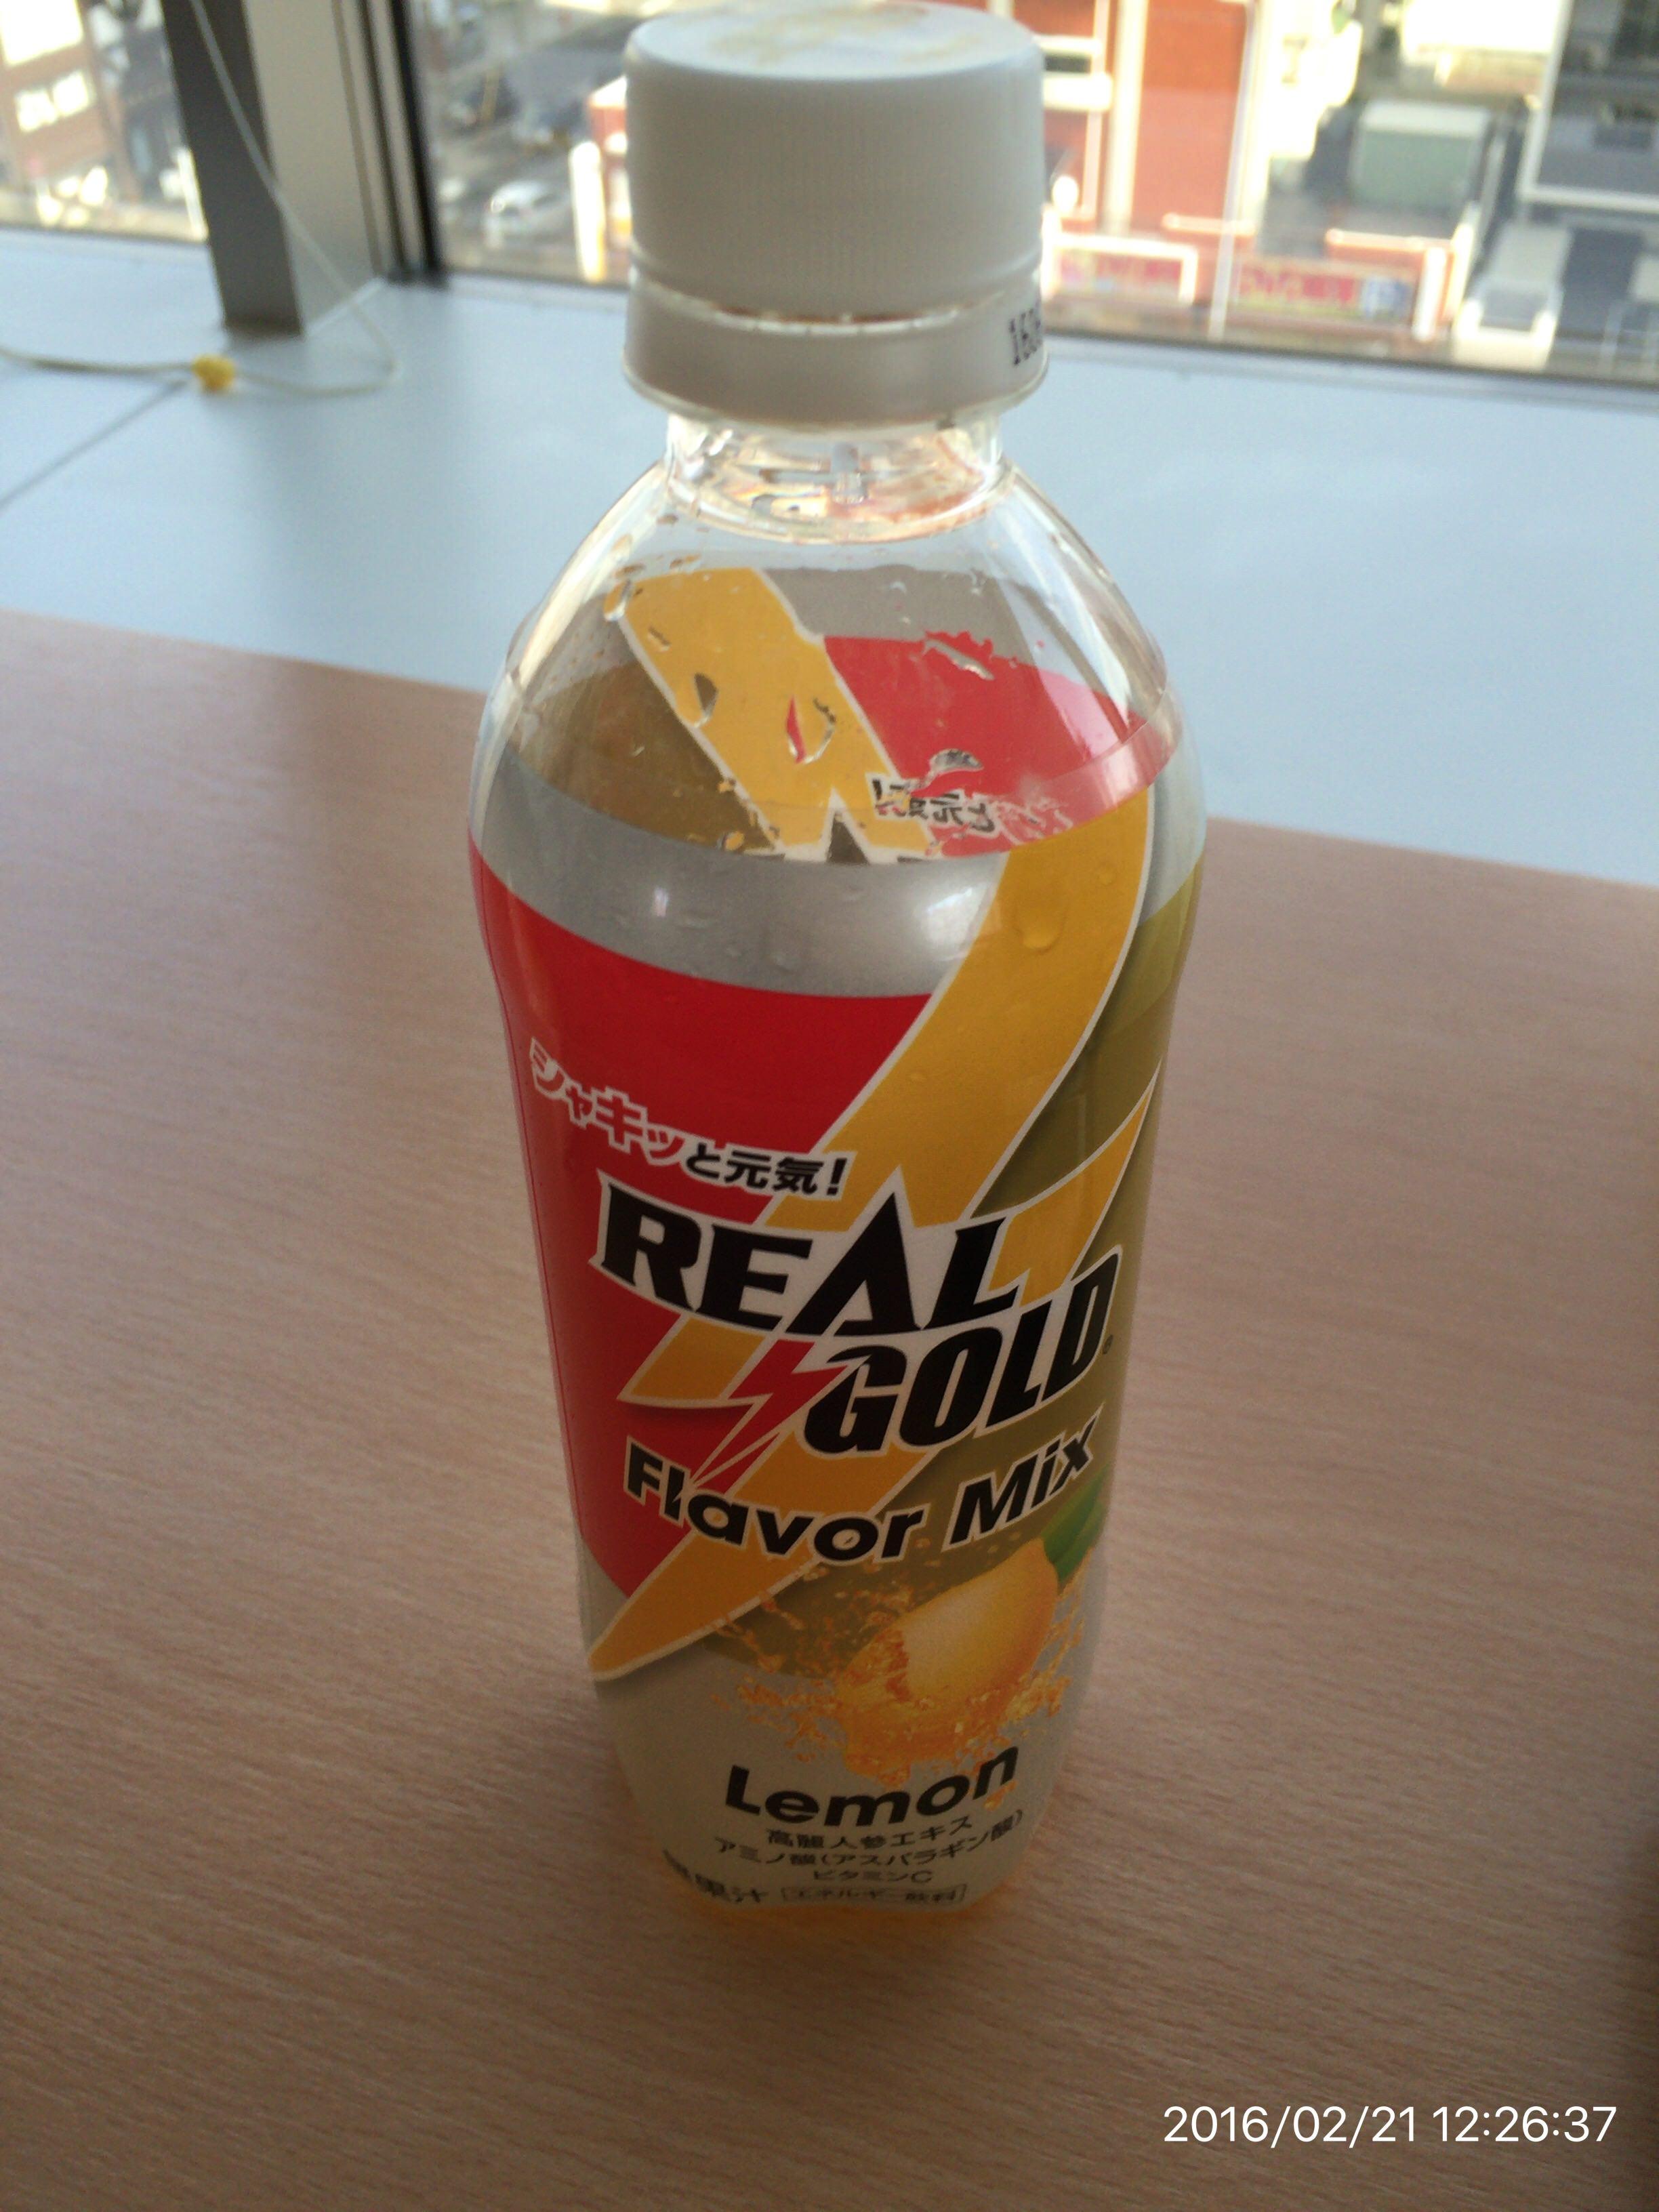 ノンカフェインで元気になるものを摂取したい!そんな時はこちらがオススメ!!